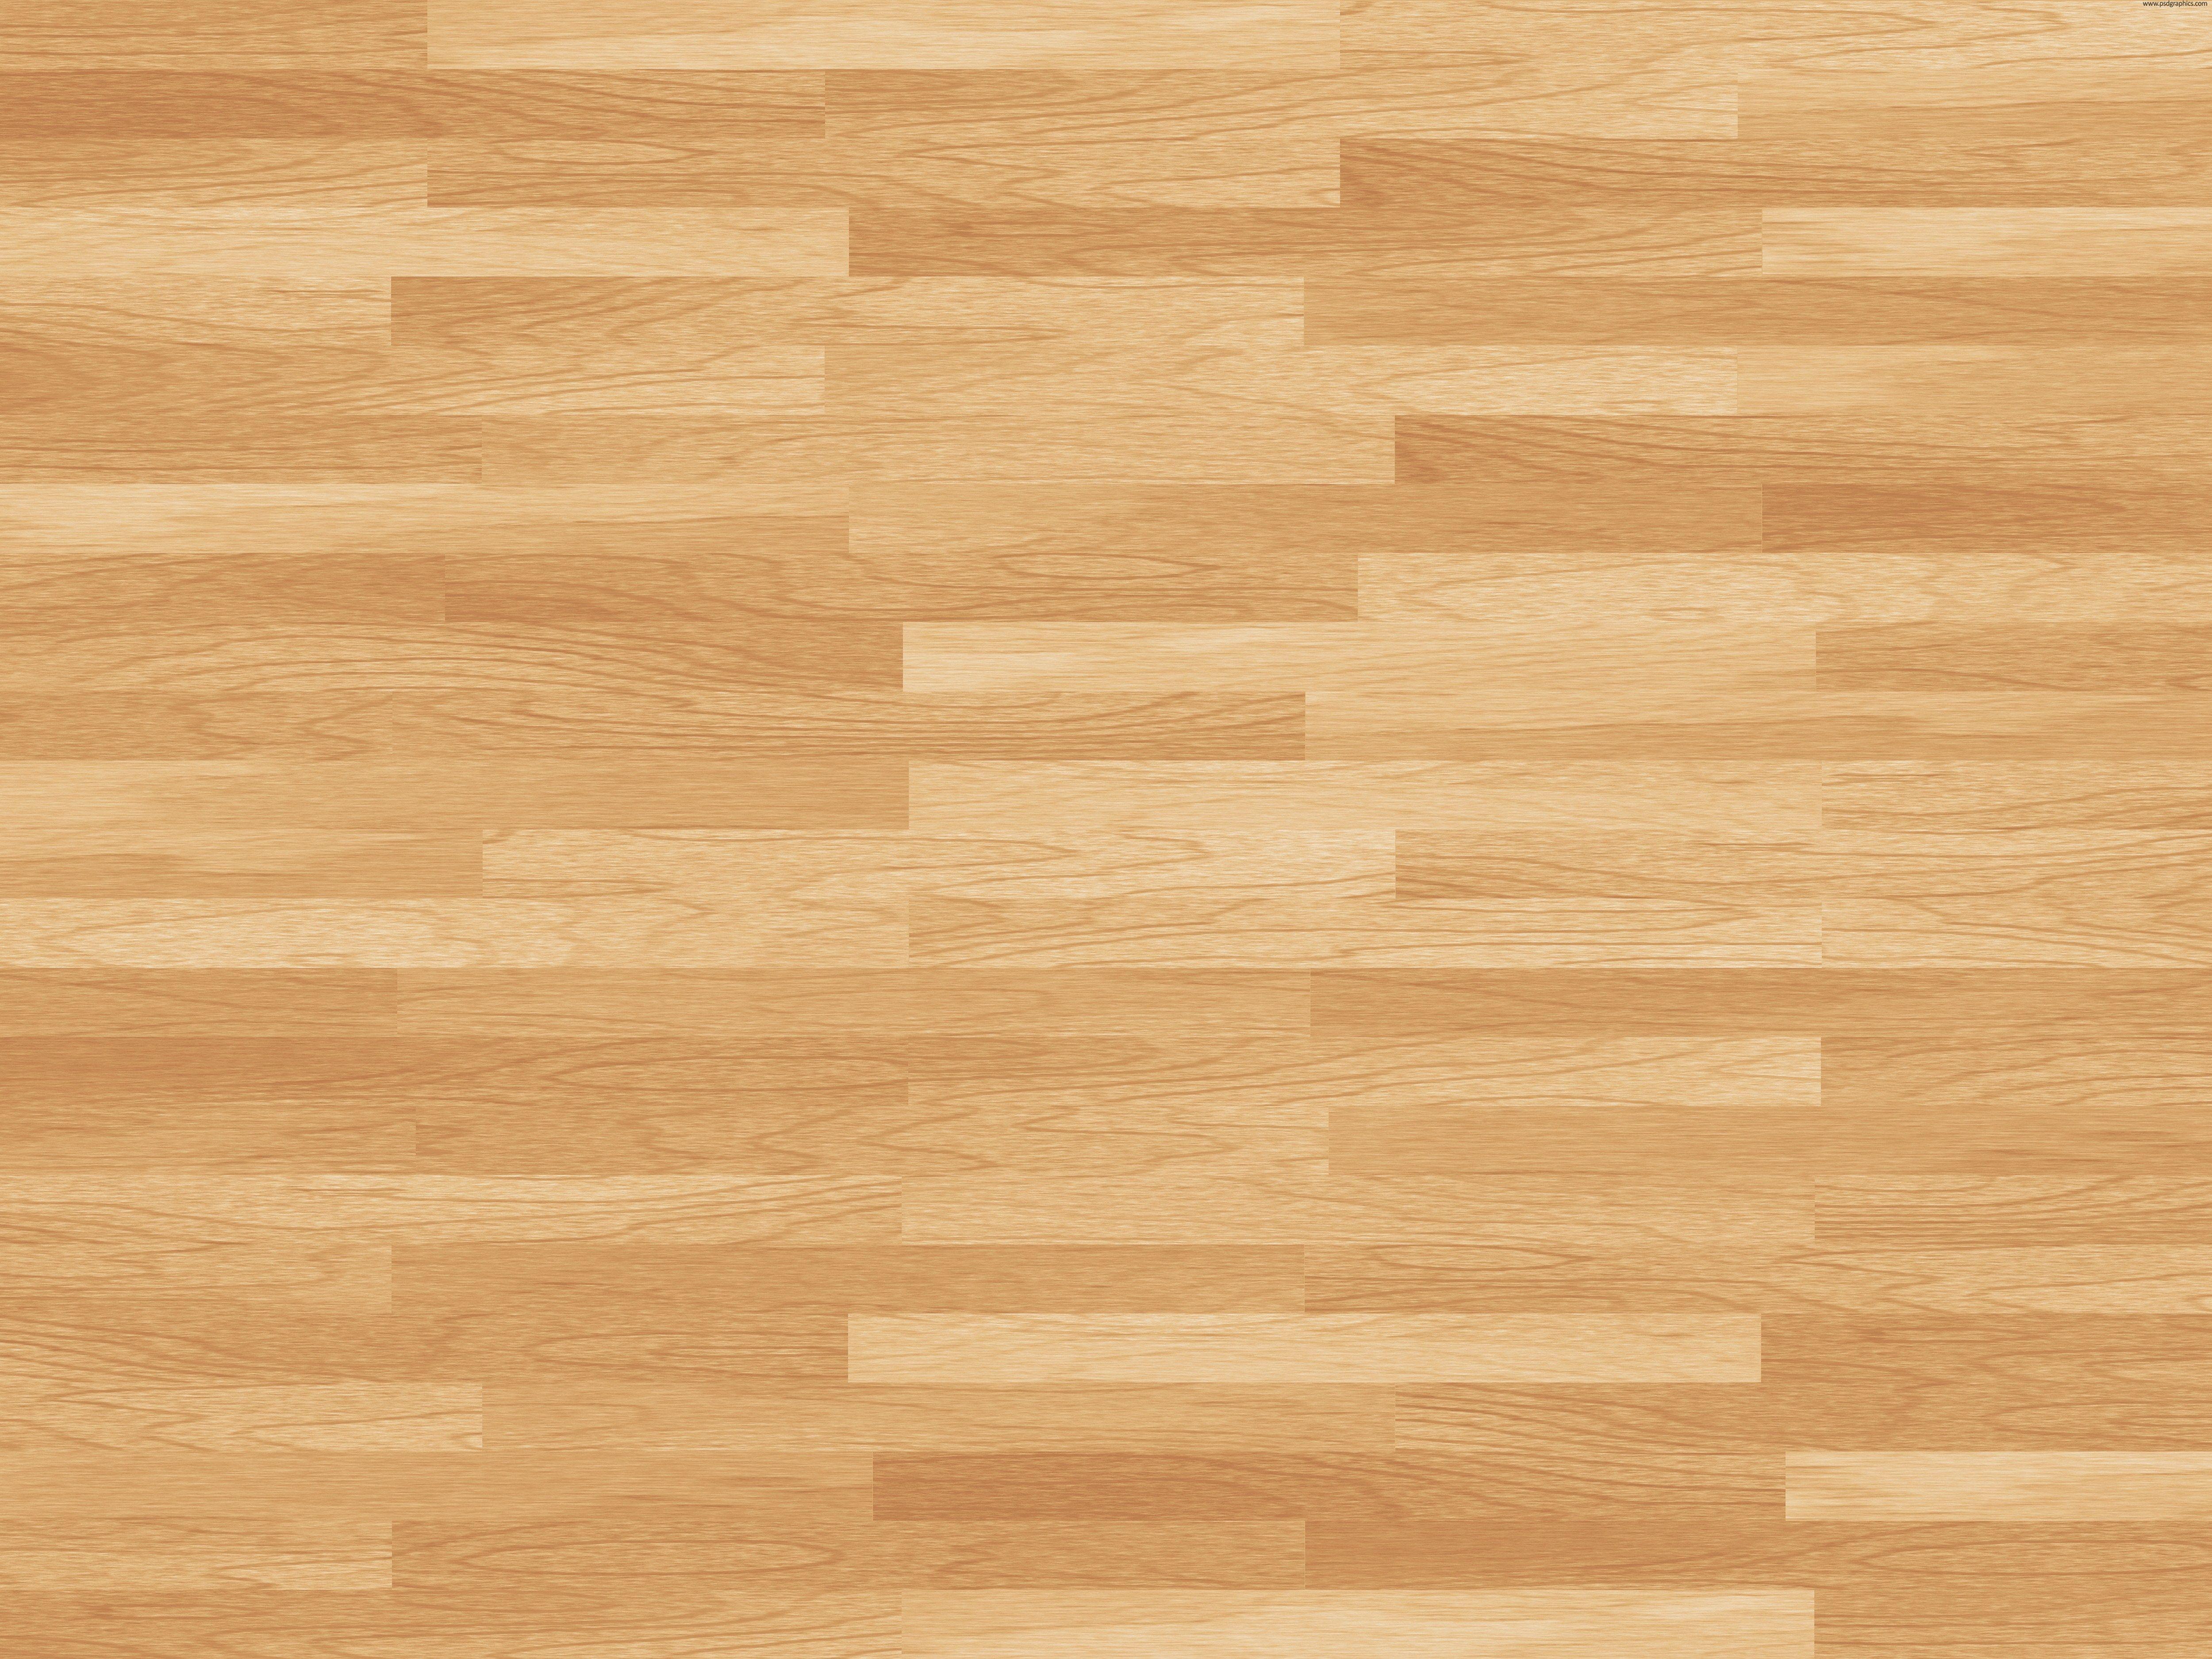 wood floors for kitchen designs floor flooring texture